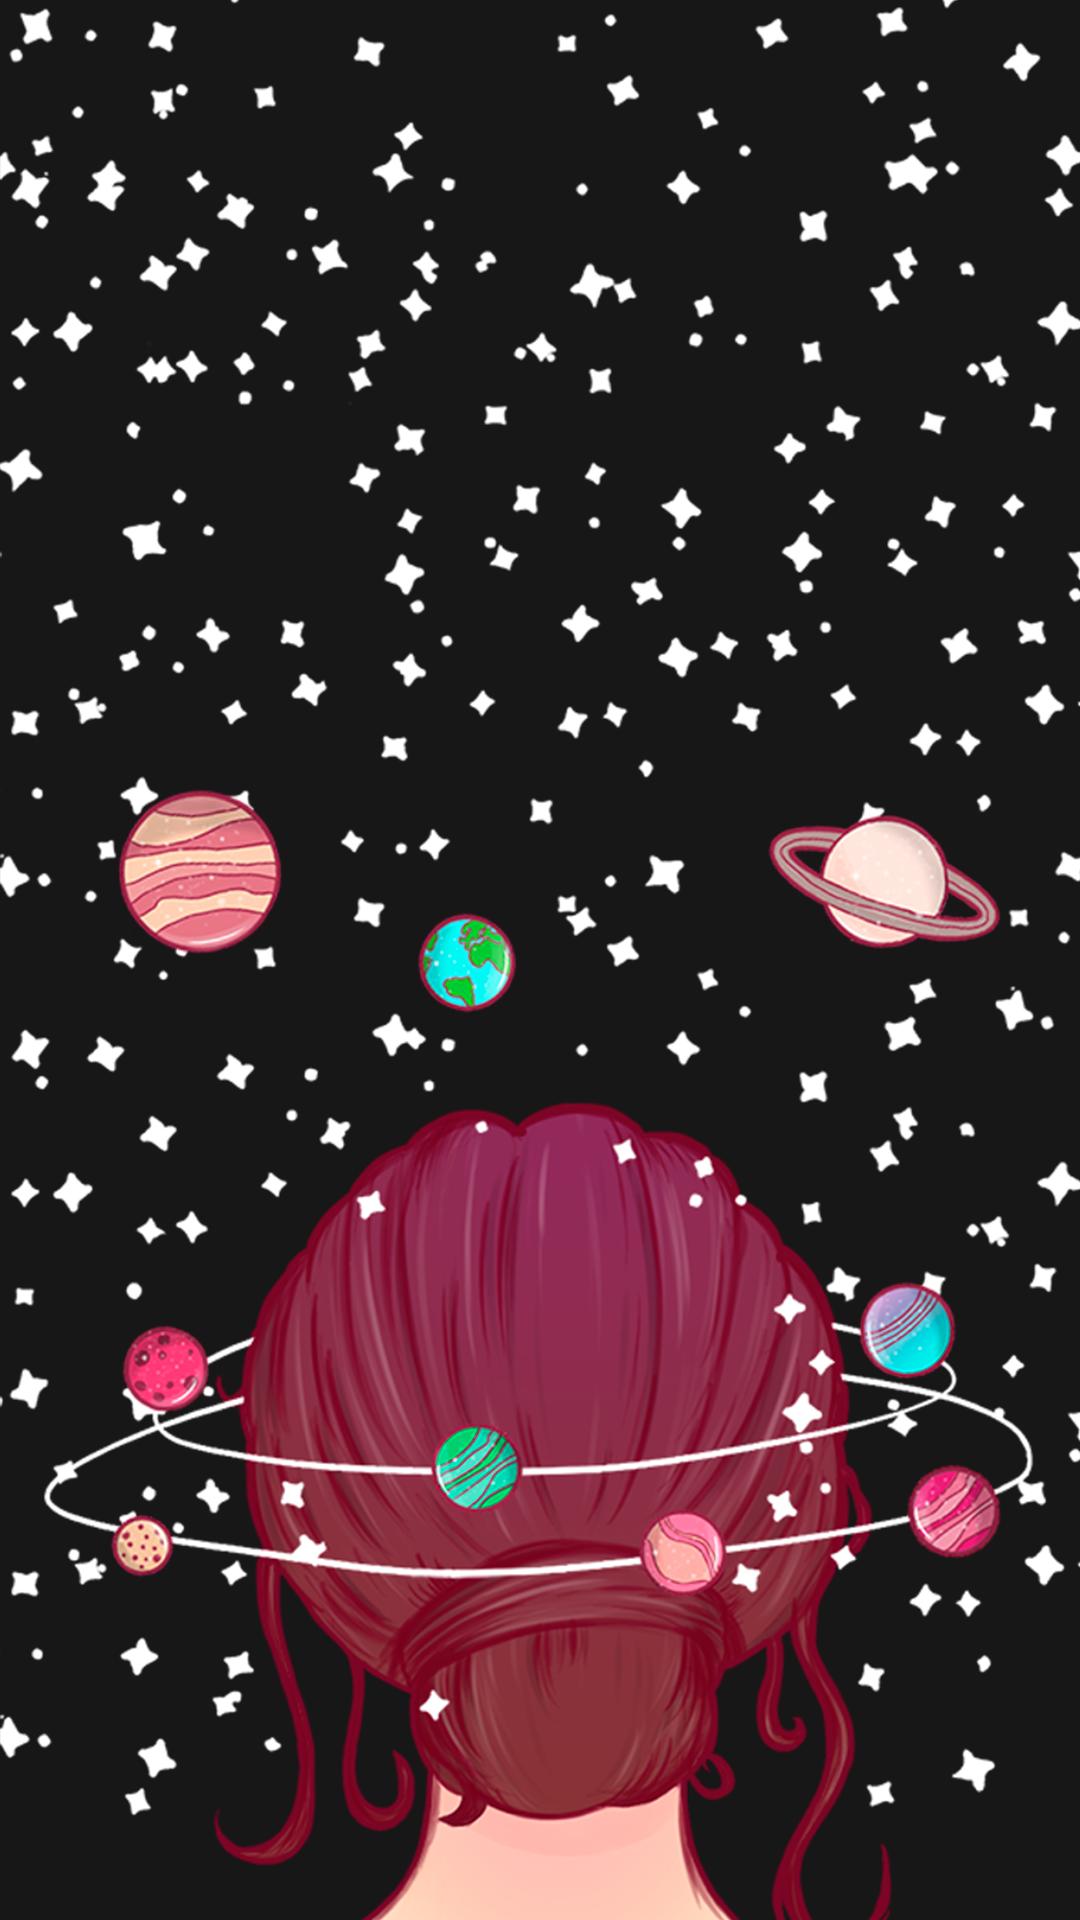 Wallpaper Mente Universo 1, stars, estrelas, planets, planetas, girl, garota, galáxia, galaxy, girly, cute, planets, aries, gemini, aquarius, taurus, libra, virgo, capricorn, sagittarius, scorpio, leo, pisces, áries, gêmeos, aquário, touro, libra, virgem, capricórnio, sagitário, escorpião, leão, peixes, planetas, estrelas, lua, espaço sideral, infinito, #gocase, #lovegocase, #galaxy, #girl, #wallpaper, #papeldeparede